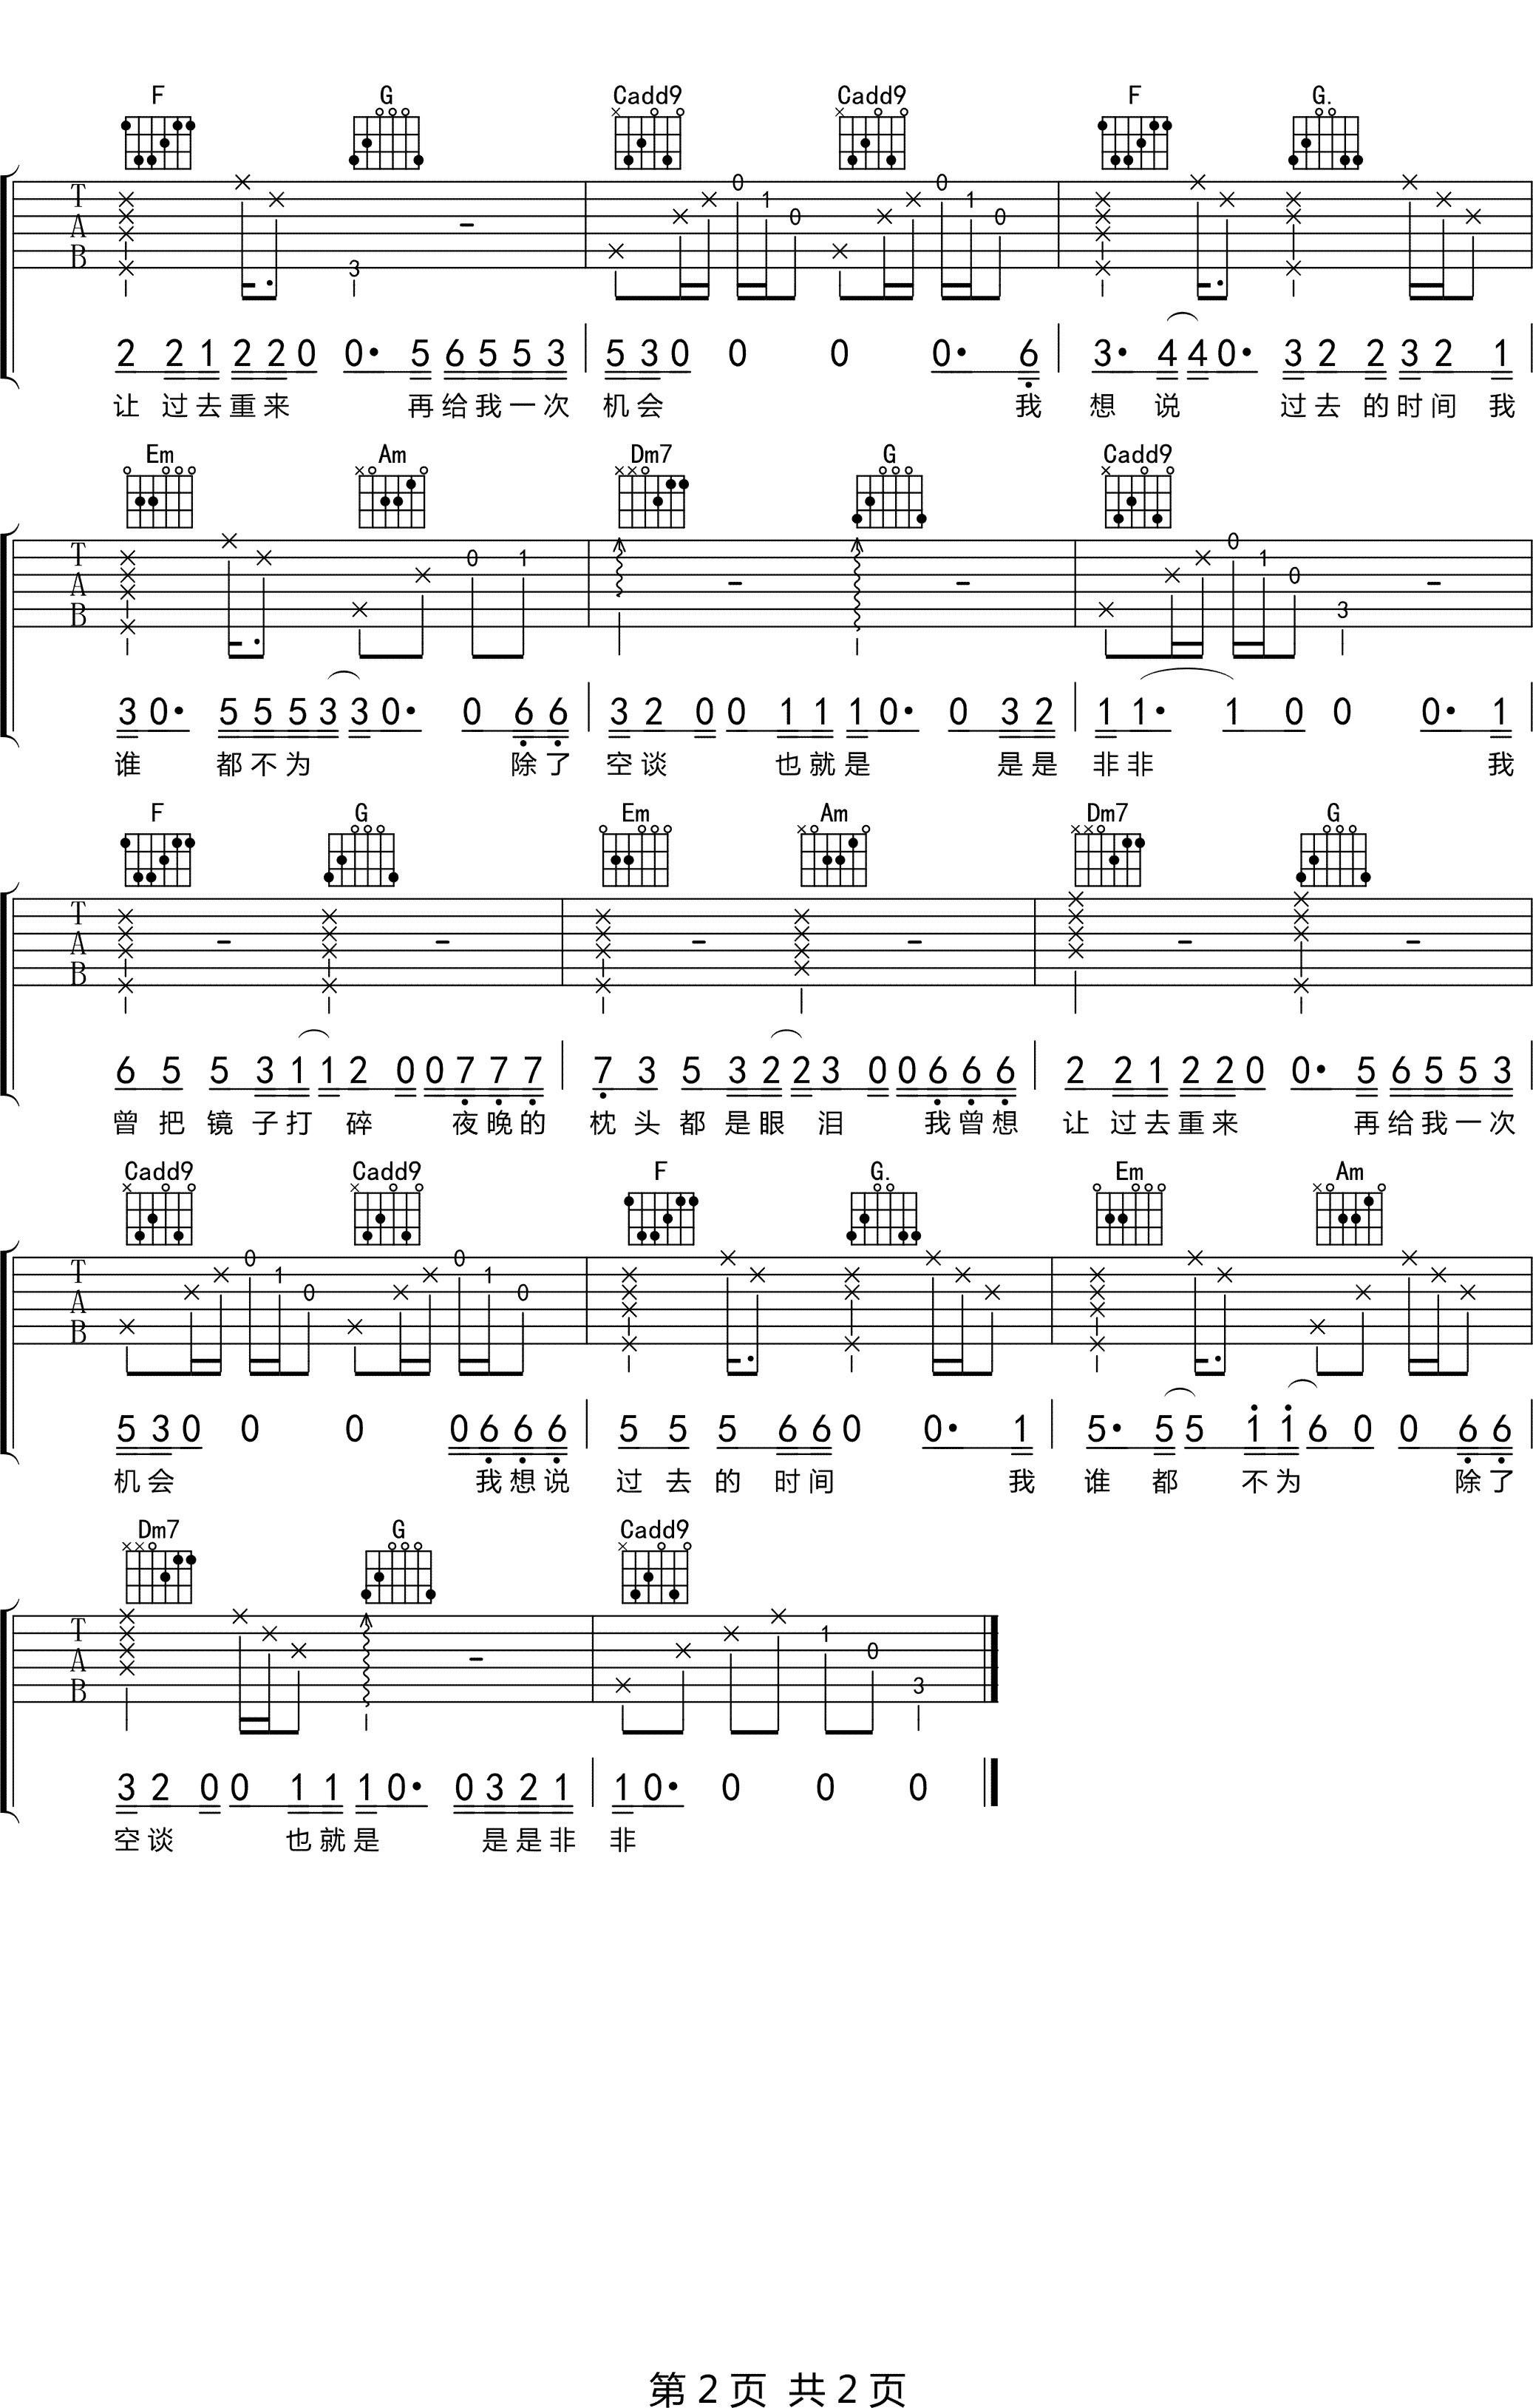 隔壁老樊《我曾》吉他谱 C调吉他弹唱谱2